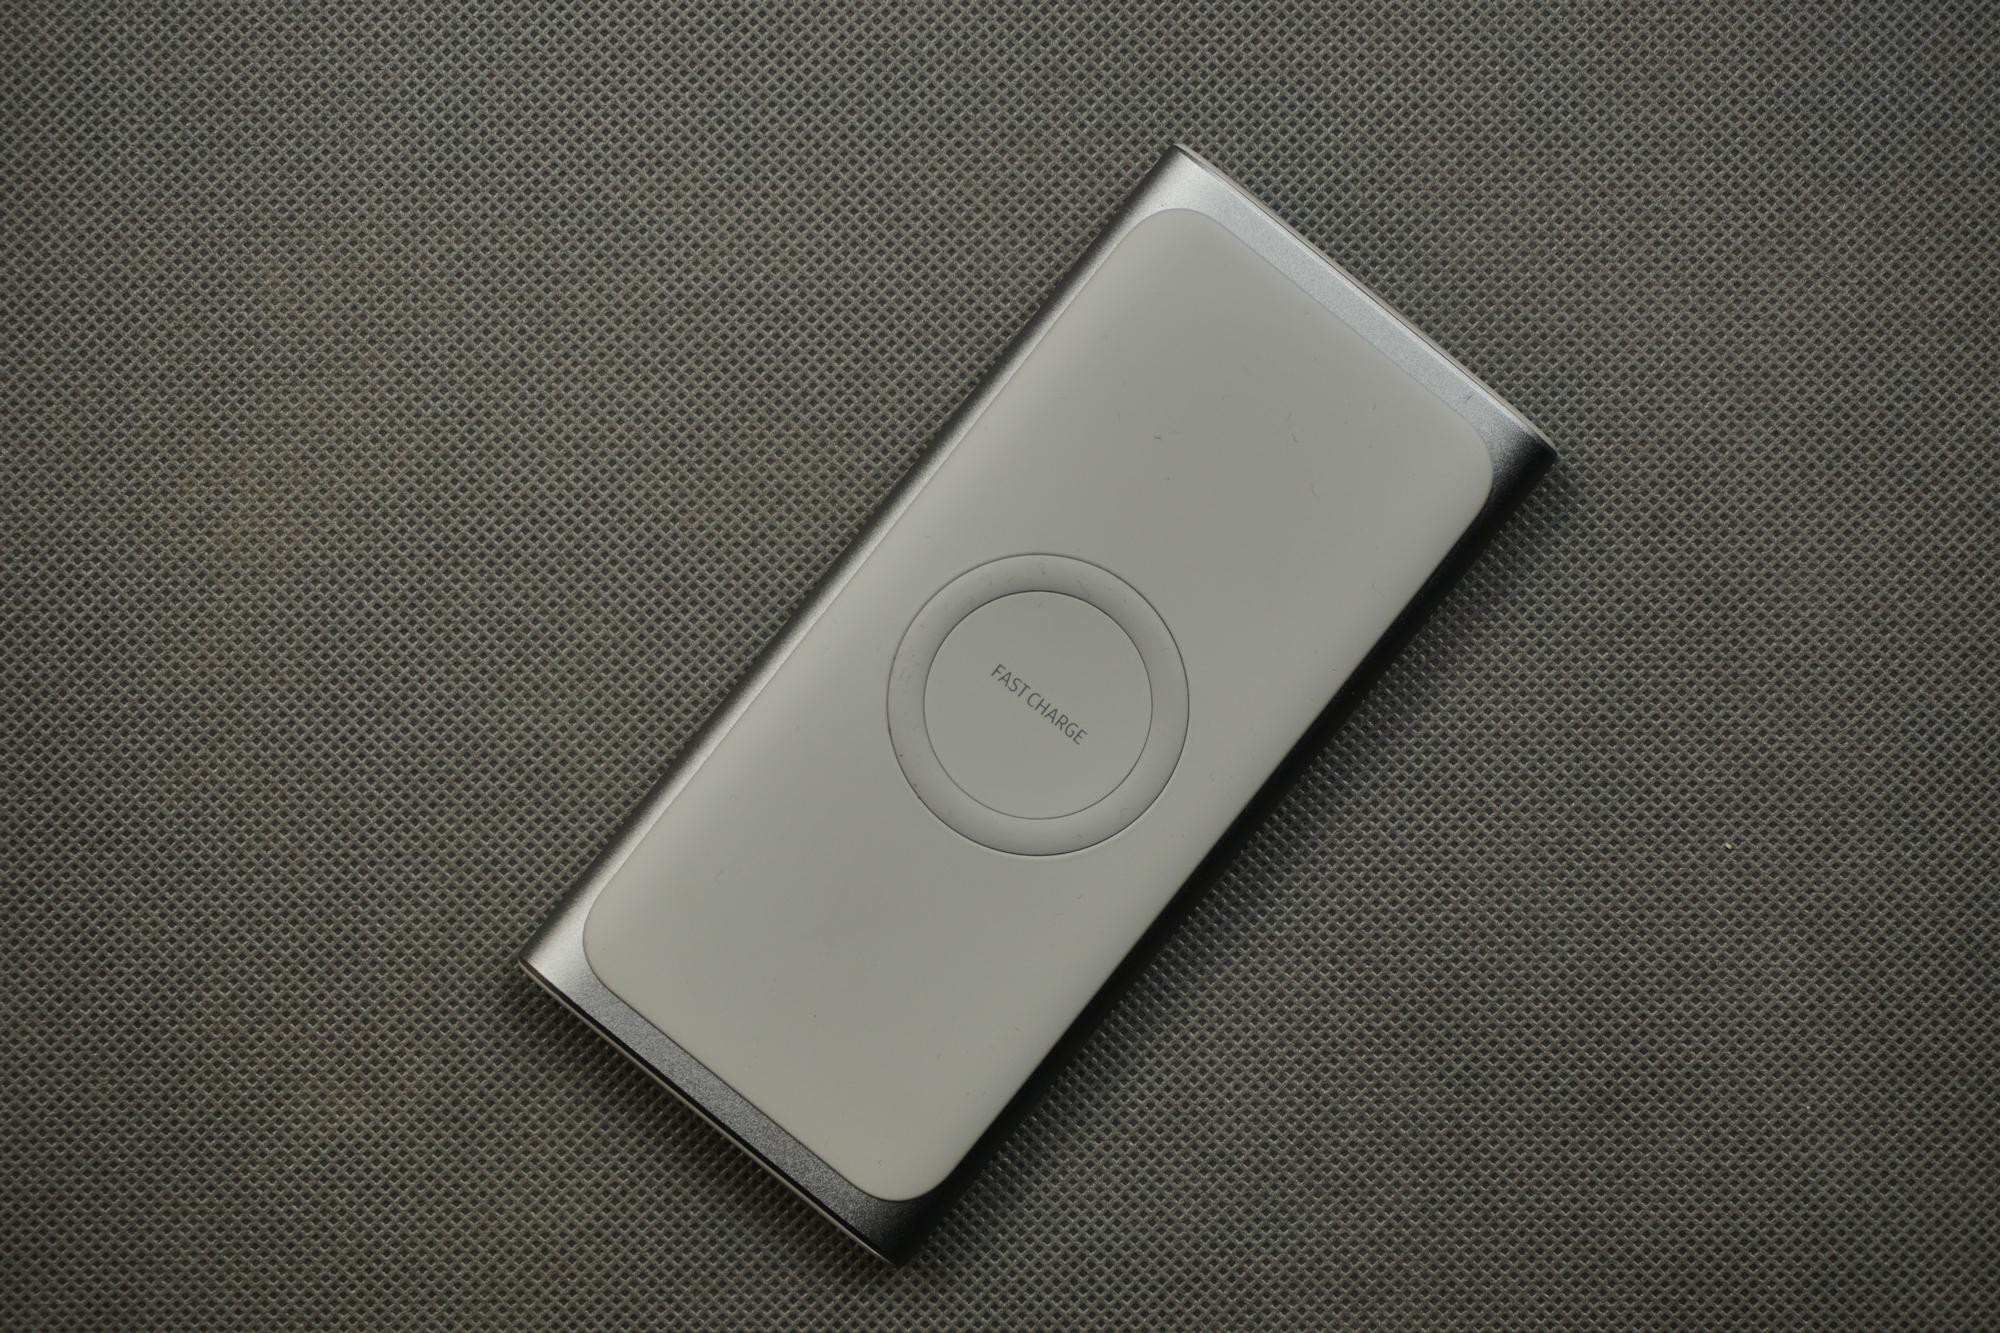 Recenzja Samsung Wireless Battery Pack - świetnie wykonanego powerbanku indukcyjnego 19 Samsung Wireless Battery Pack